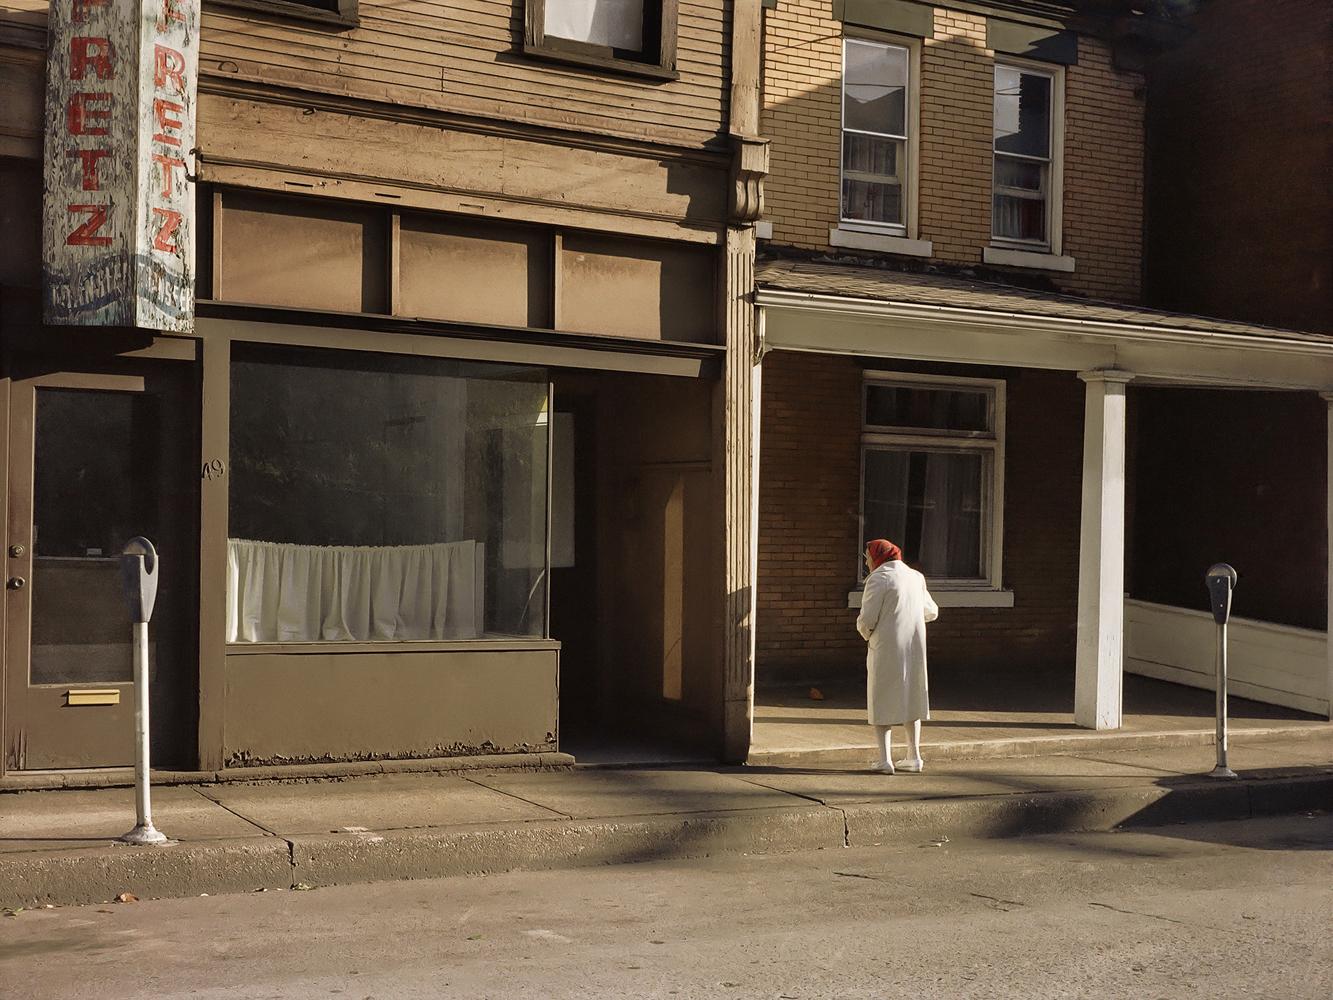 Morning in Monessen, Pennsylavania, 1983, by Jerome Liebling.